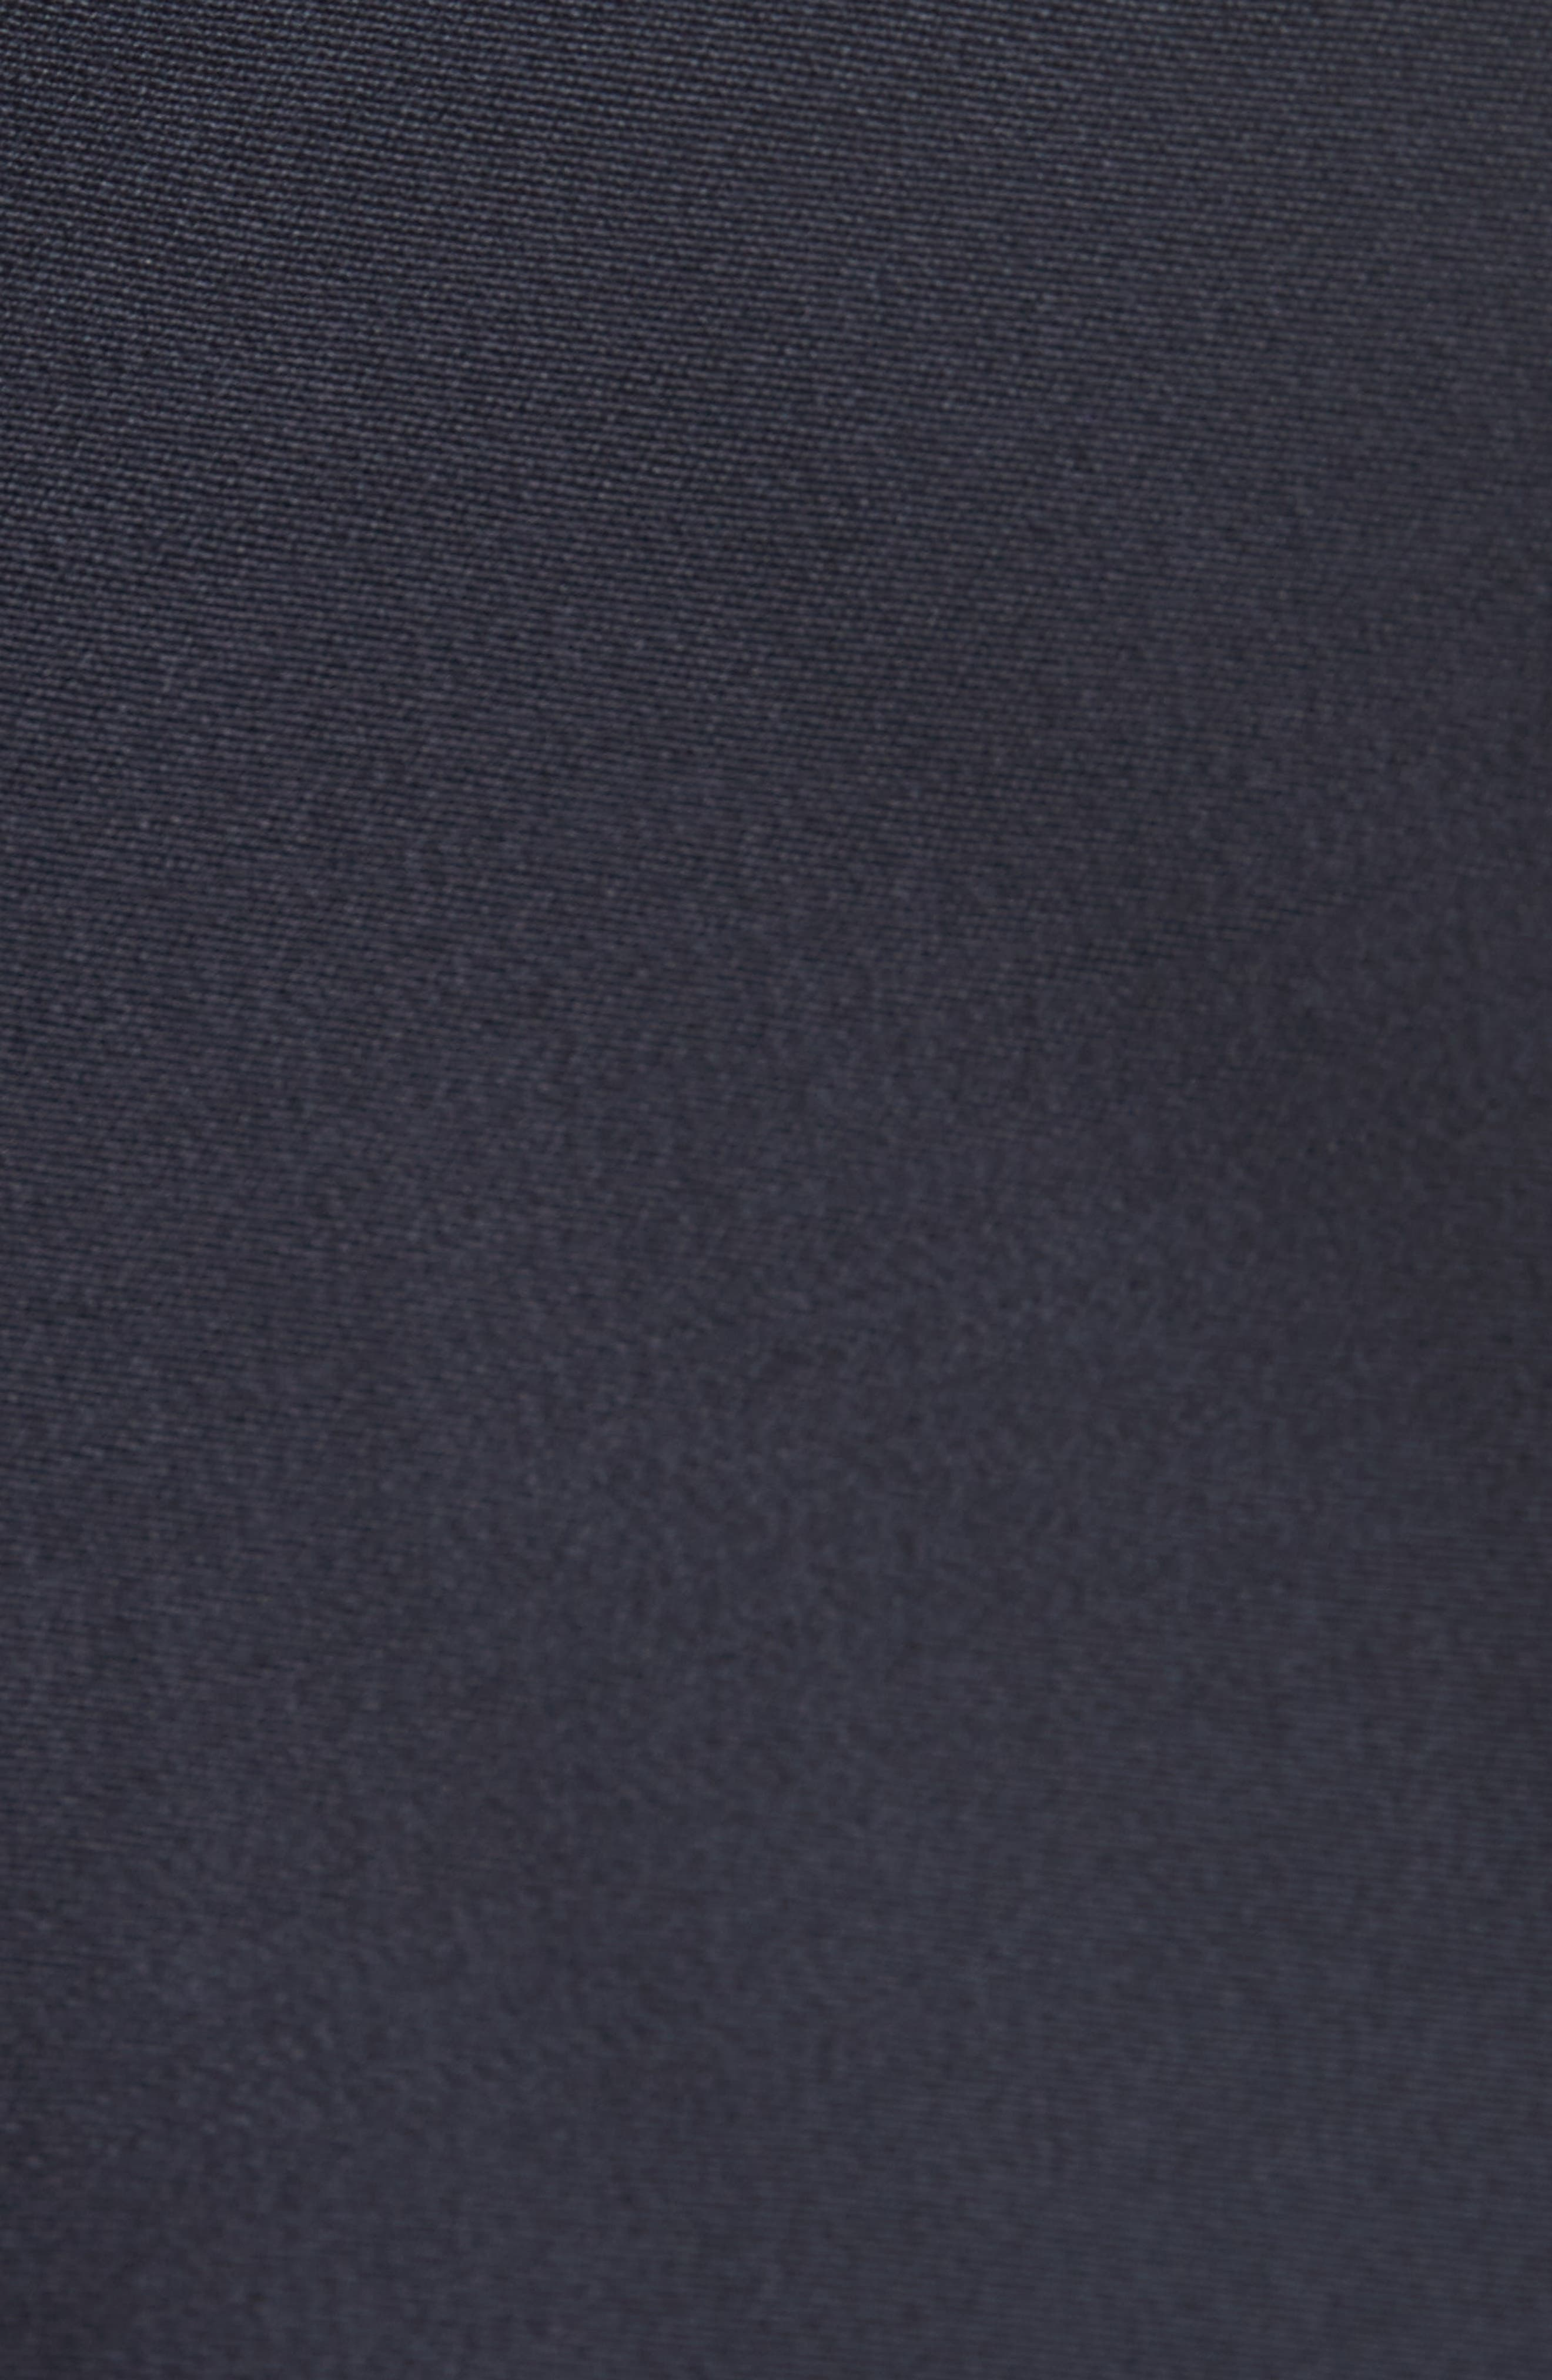 Perkino Drawstring Waist Pants,                             Main thumbnail 1, color,                             NAVY 509